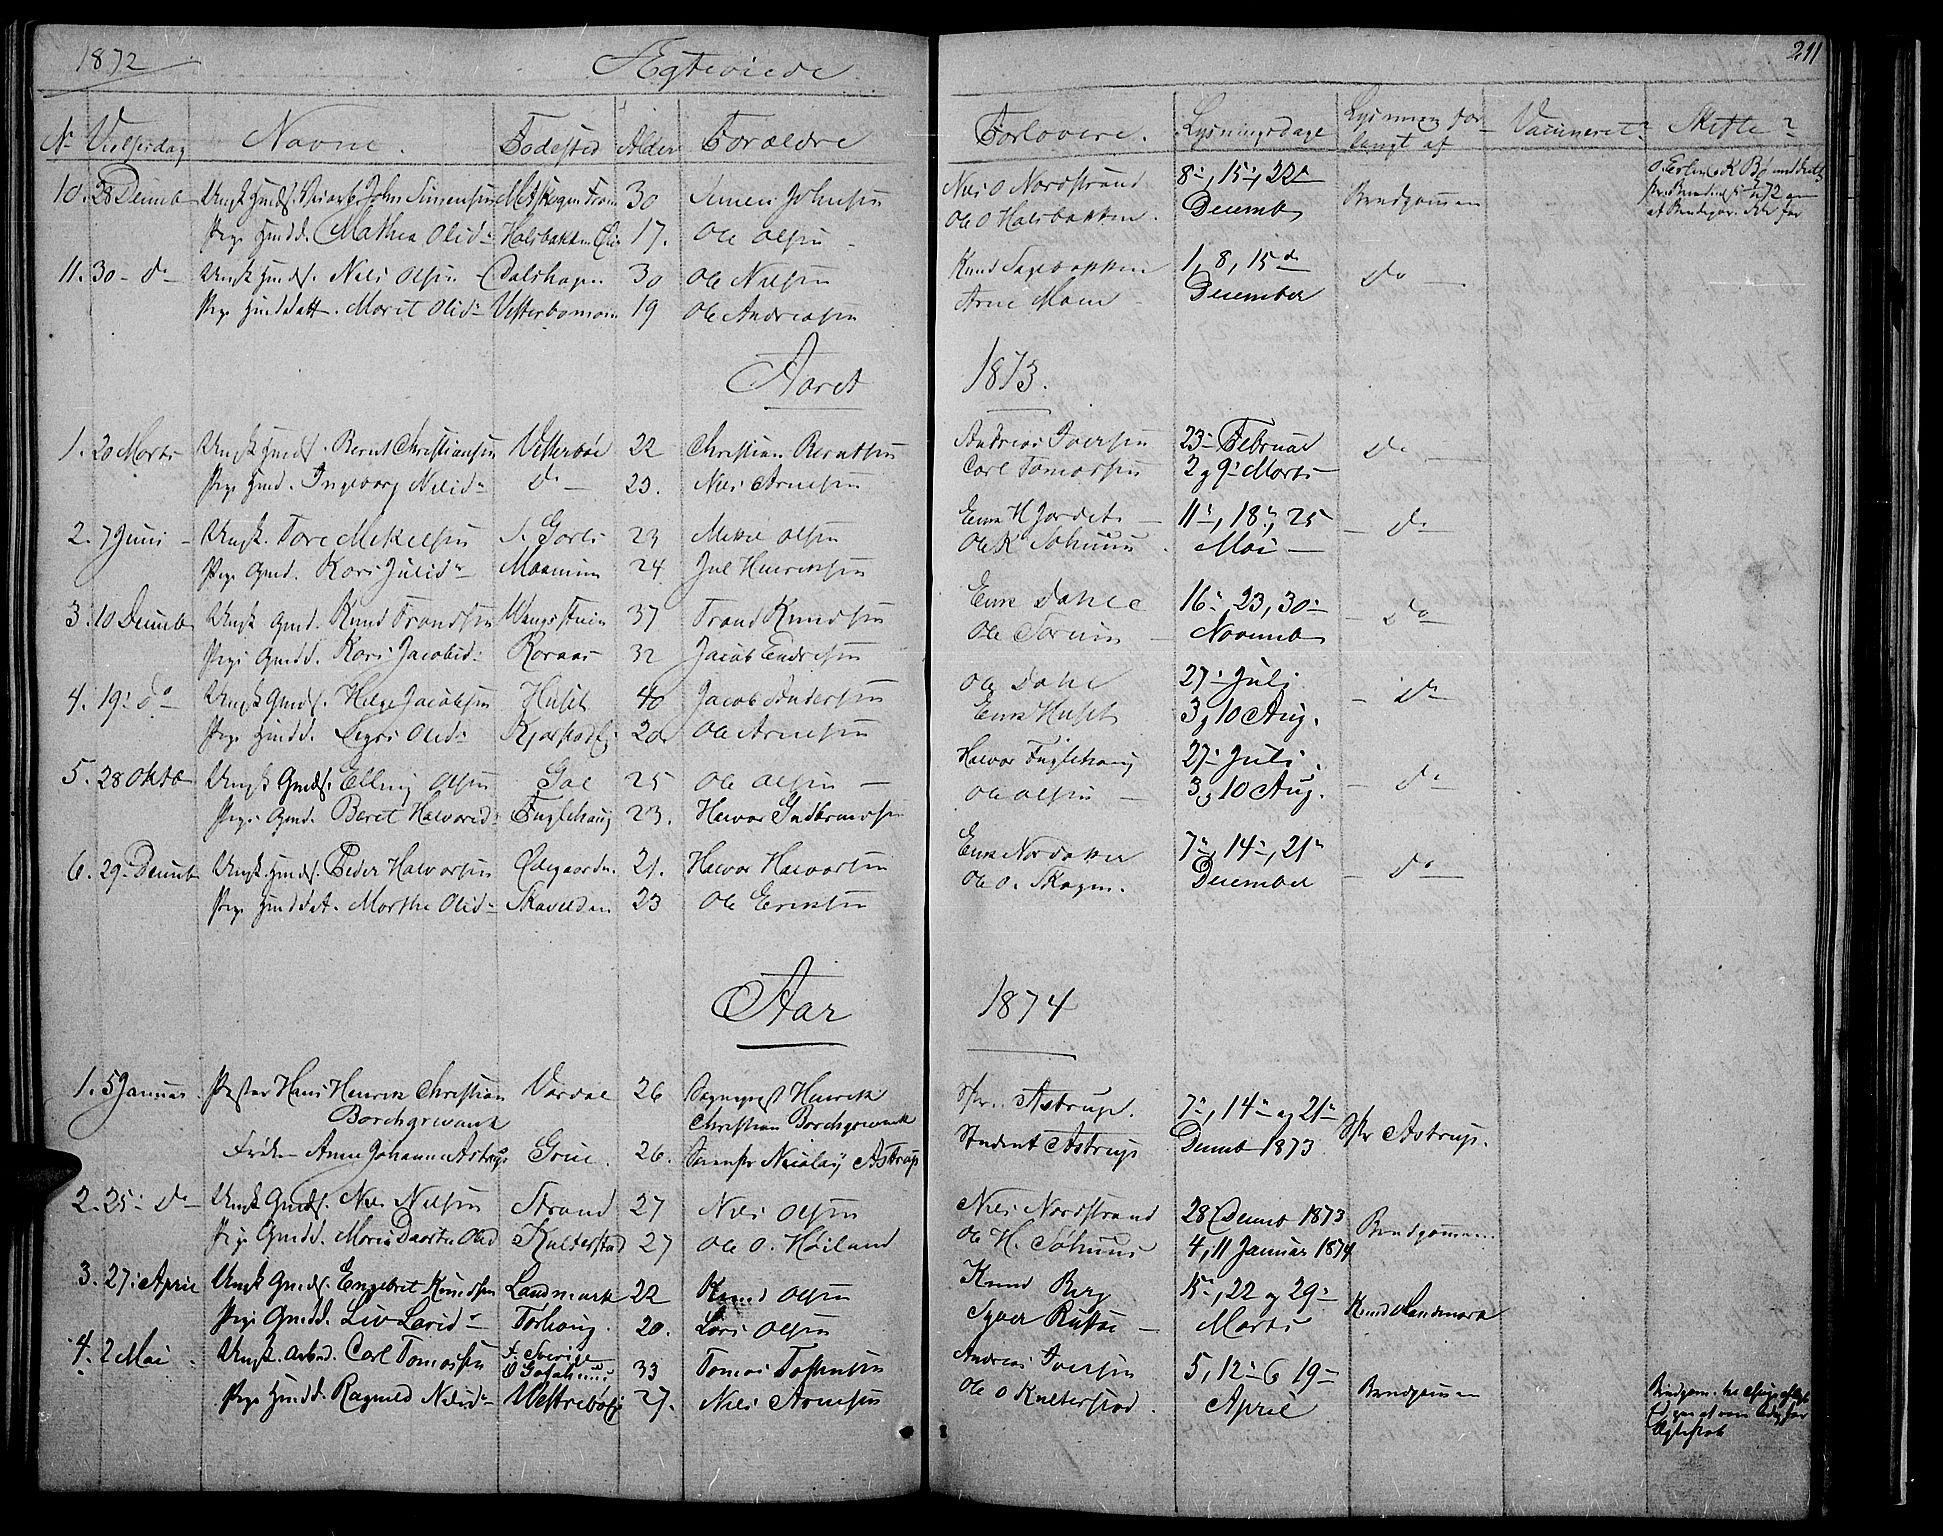 SAH, Nord-Aurdal prestekontor, Klokkerbok nr. 2, 1842-1877, s. 211